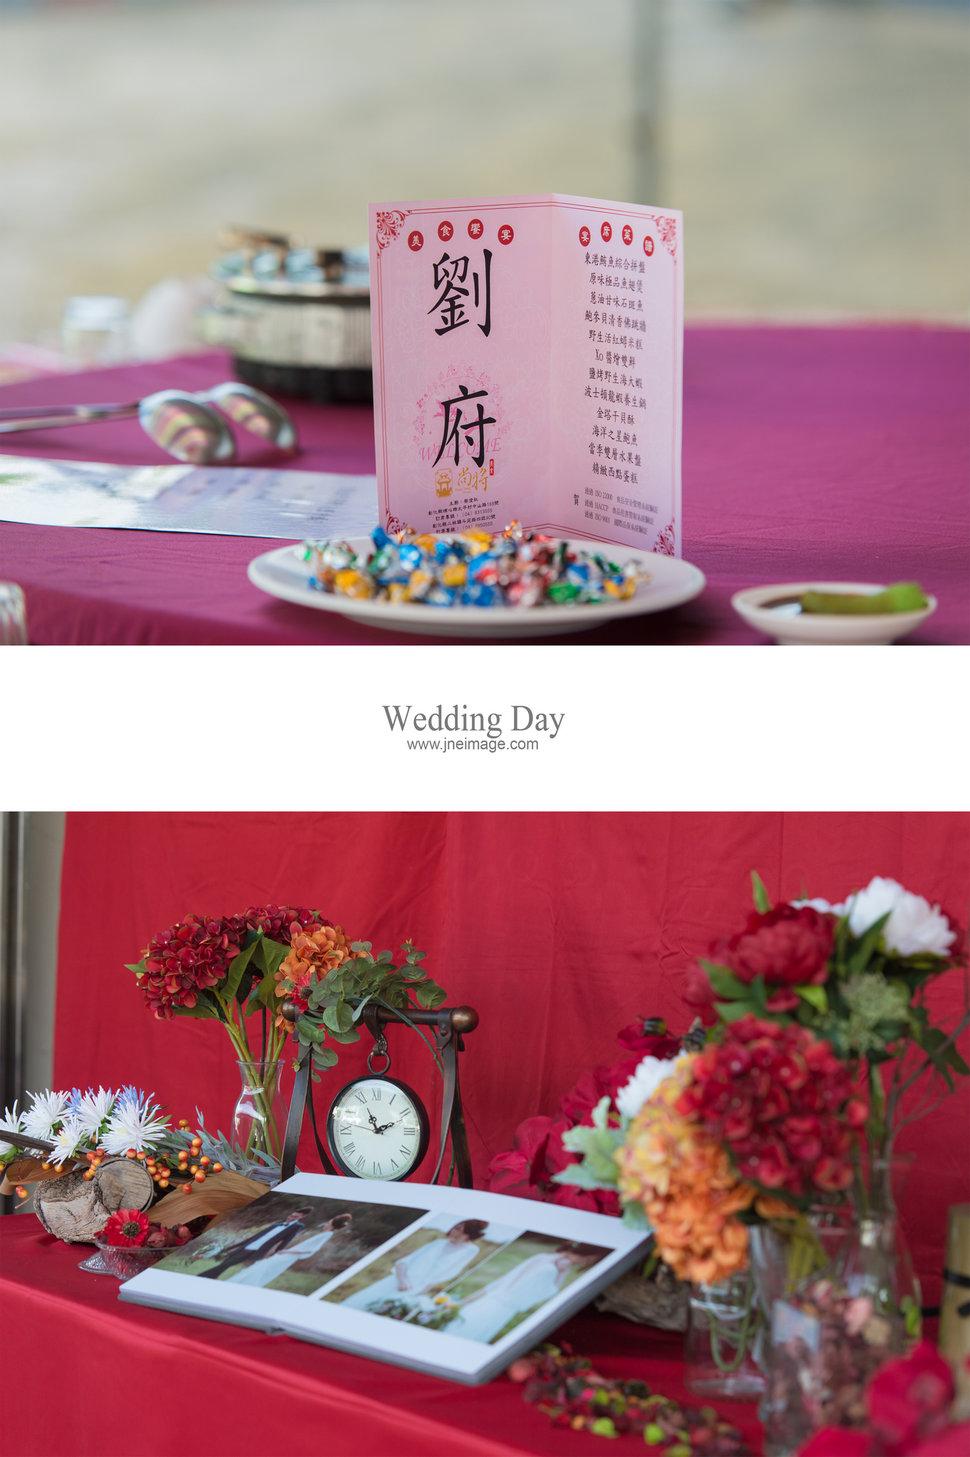 _JNE0054 - J&E Image Studio - 結婚吧